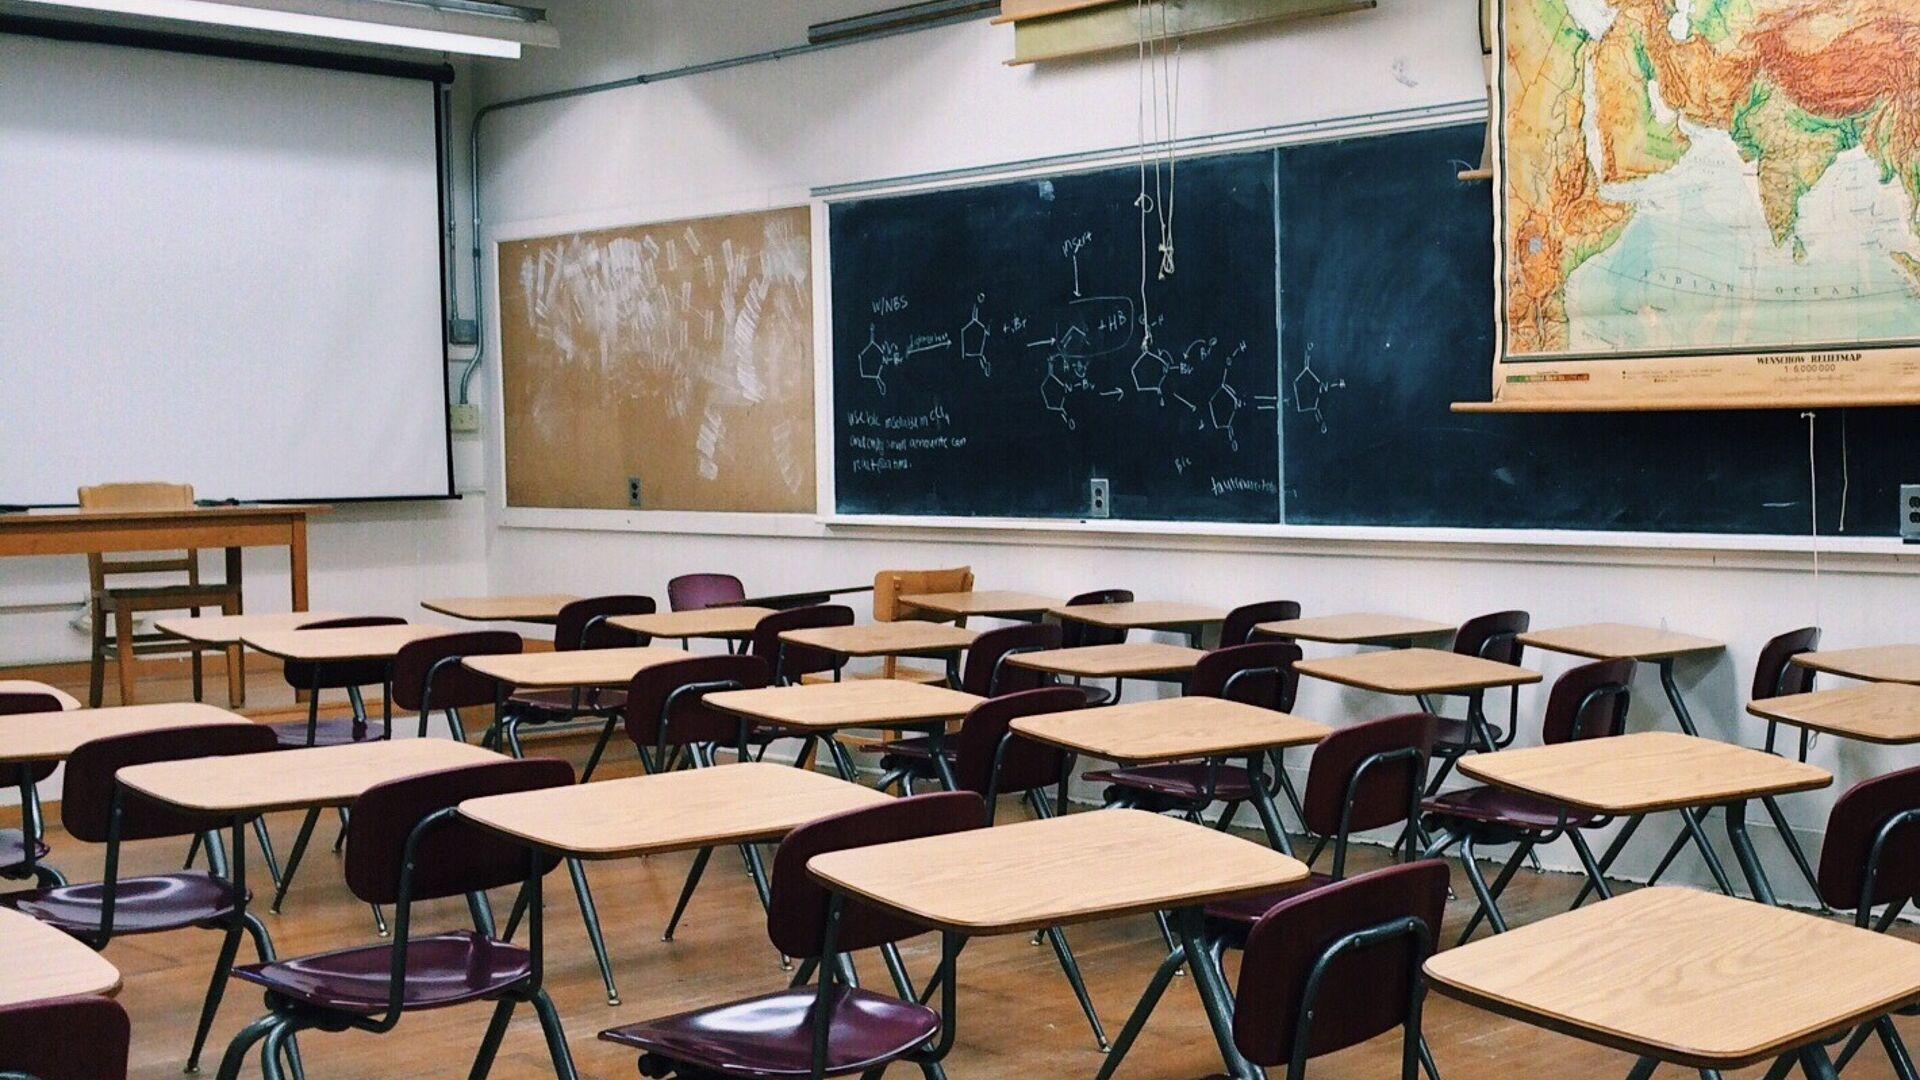 Школьные парты в классе в школе - Sputnik Грузия, 1920, 28.09.2021